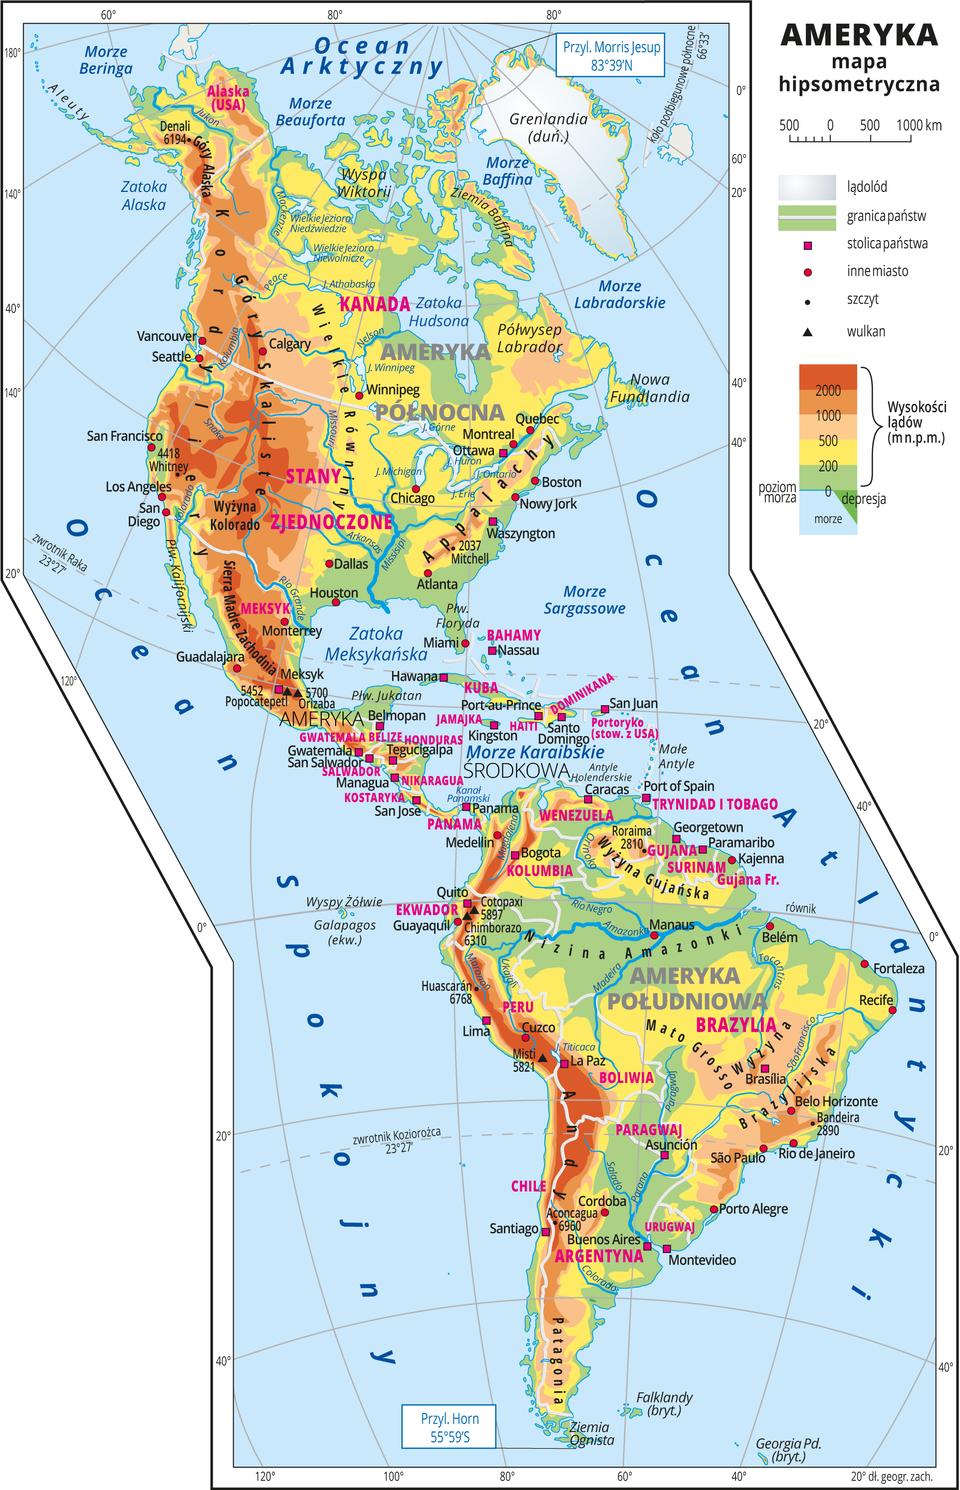 Ilustracja przedstawia mapę hipsometryczną Ameryki. Wobrębie lądów występują obszary wkolorze zielonym, żółtym, pomarańczowym iczerwonym. Na zachodnich wybrzeżach dominują pasma górskie oprzebiegu południkowym. Rozległe niziny wzdłuż największych rzek. Morza zaznaczono kolorem niebieskim. Na mapie opisano nazwy półwyspów, wysp, nizin, wyżyn ipasm górskich, mórz, zatok, rzek ijezior. Oznaczono iopisano stolice igłówne miasta. Opisano nazwy państw. Oznaczono czarnymi kropkami iopisano szczyty górskie. Trójkątami oznaczono czynne wulkany ipodano ich nazwy iwysokości. Mapa pokryta jest równoleżnikami ipołudnikami. Podano współrzędne geograficzne skrajnych punktów: północ – Przyl. Morris Jesup, 83°39'N, południe – Przyl. Horn, 55°59'S. Dookoła mapy wbiałej ramce opisano współrzędne geograficzne co dwadzieścia stopni. Wlegendzie umieszczono iopisano znaki użyte na mapie.